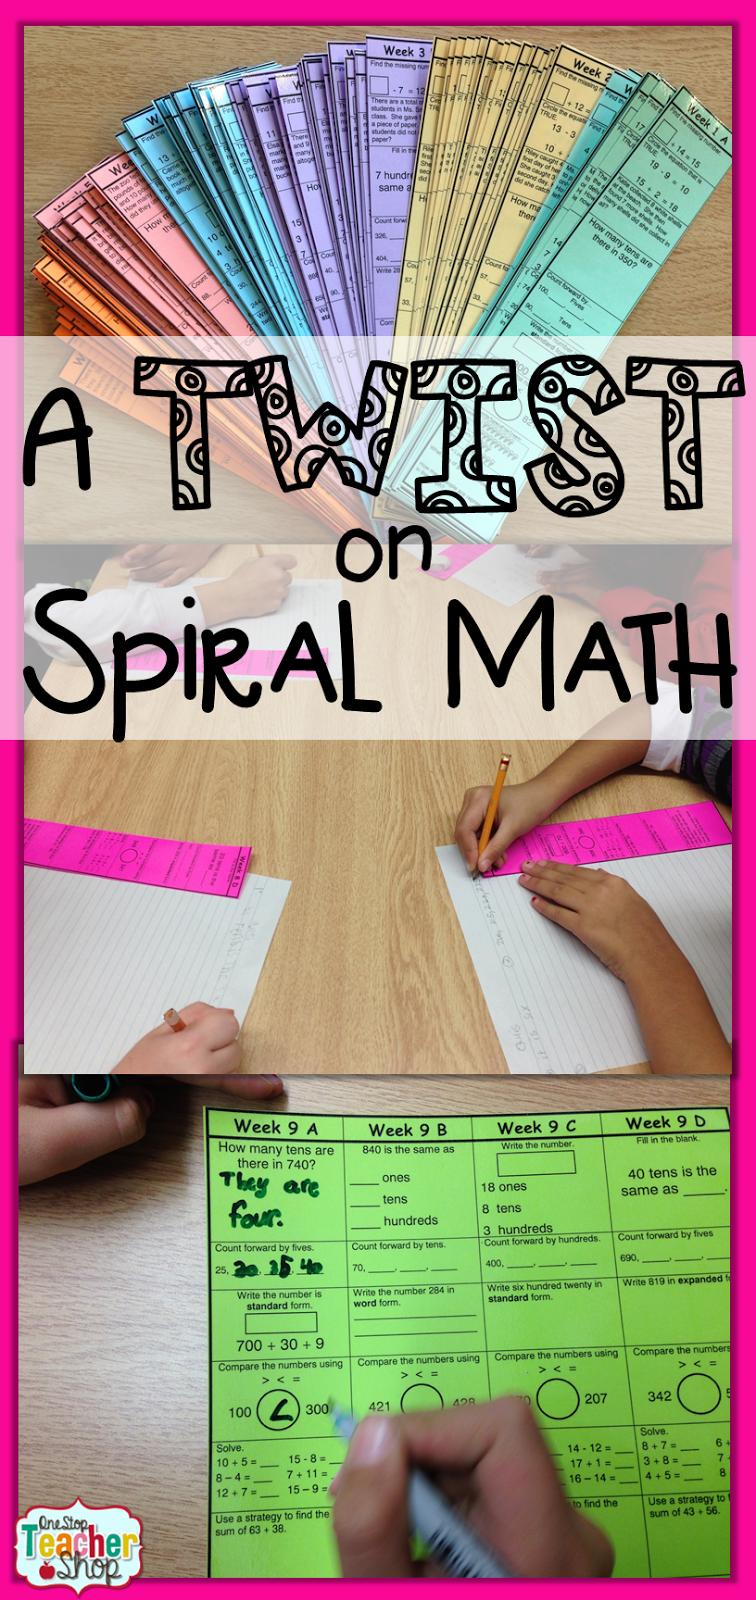 了解在课堂上使用螺旋数学资源的不同方法;包括螺旋数学家庭作业和螺旋语言作业。